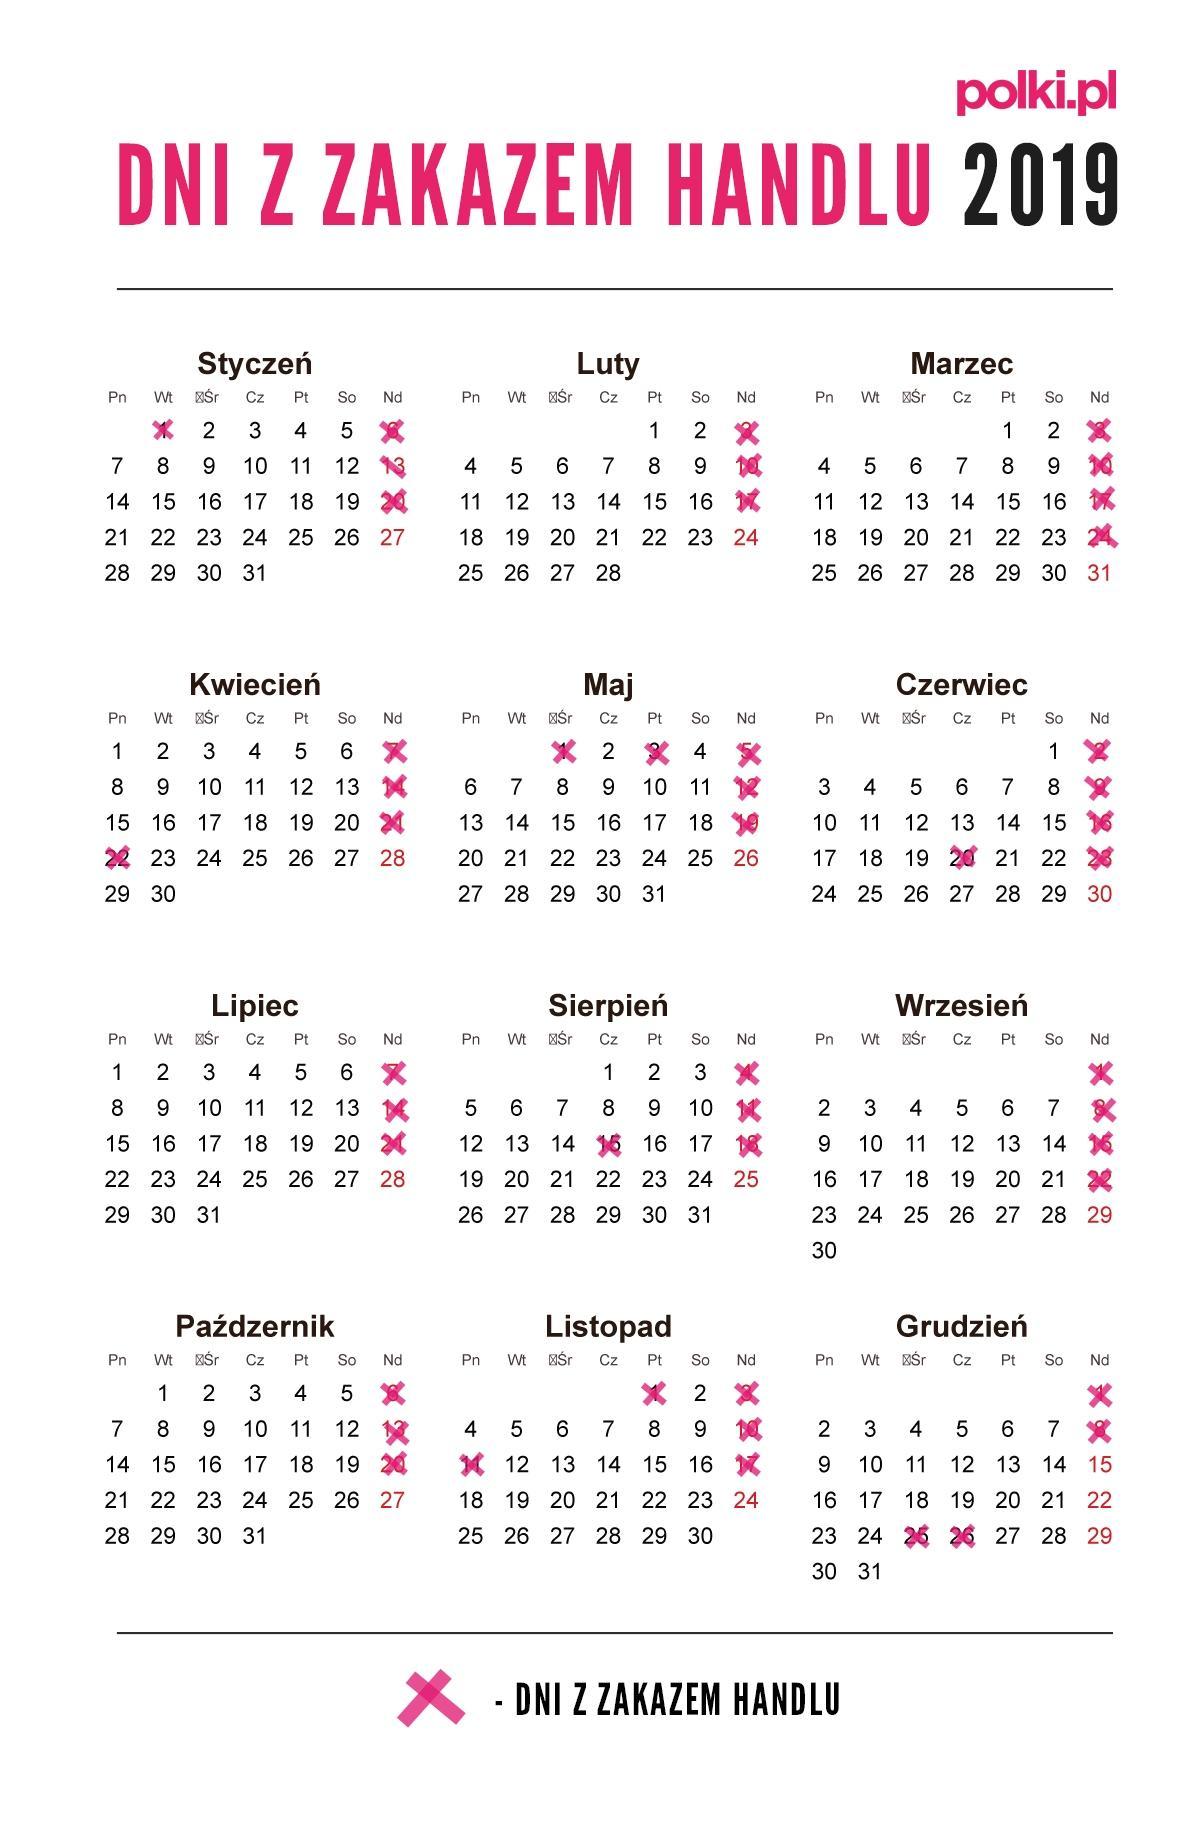 dni wolne od pracy 2019 rok